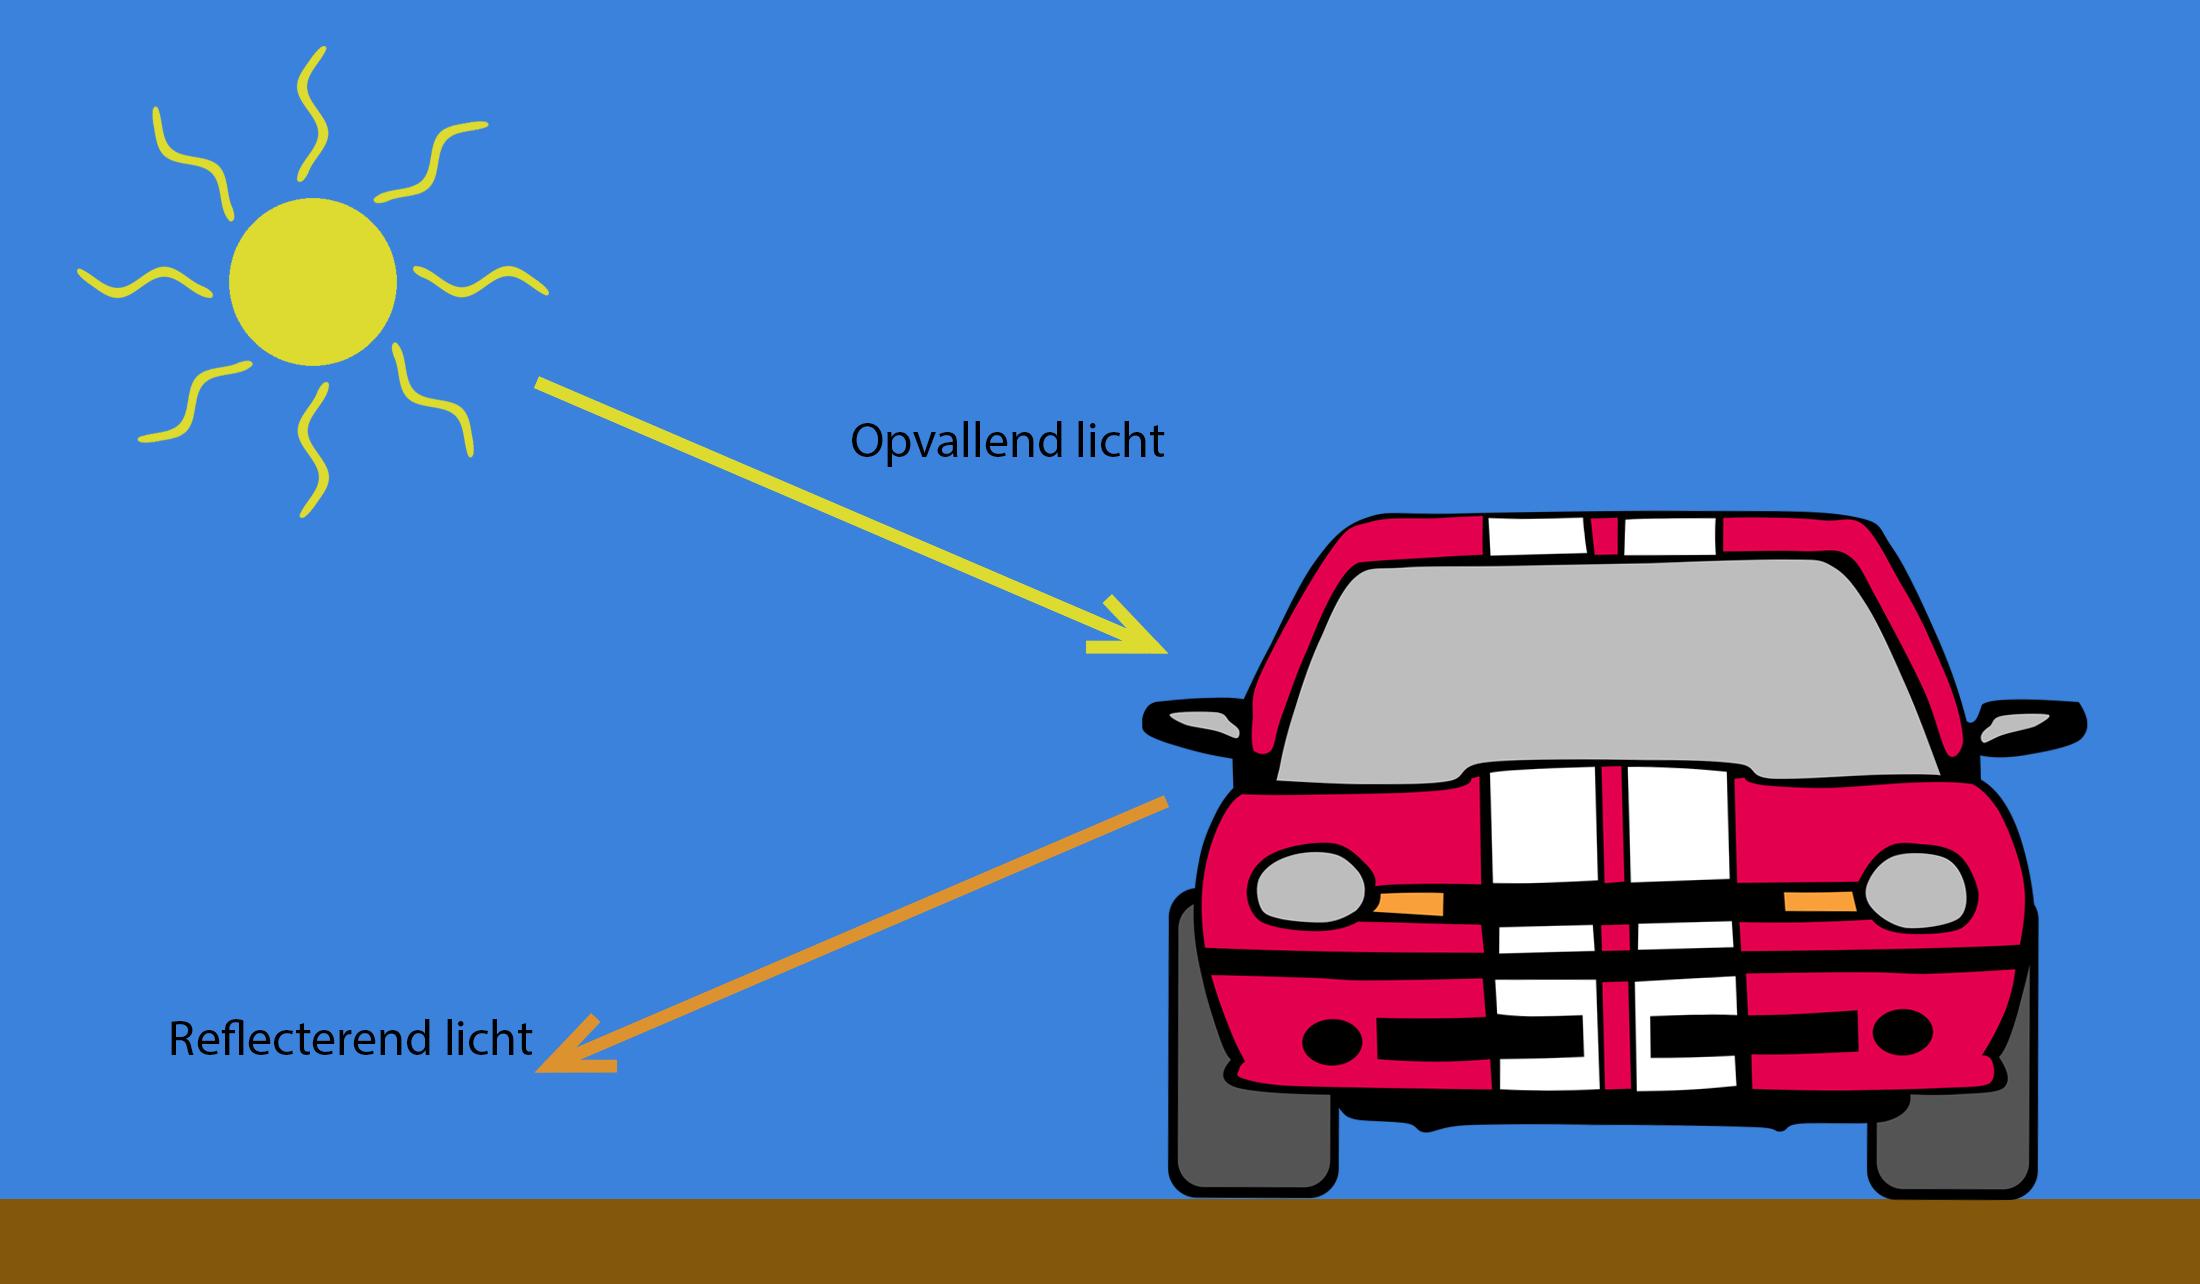 Een schema met het verschil tussen opvallend en reflecterend licht